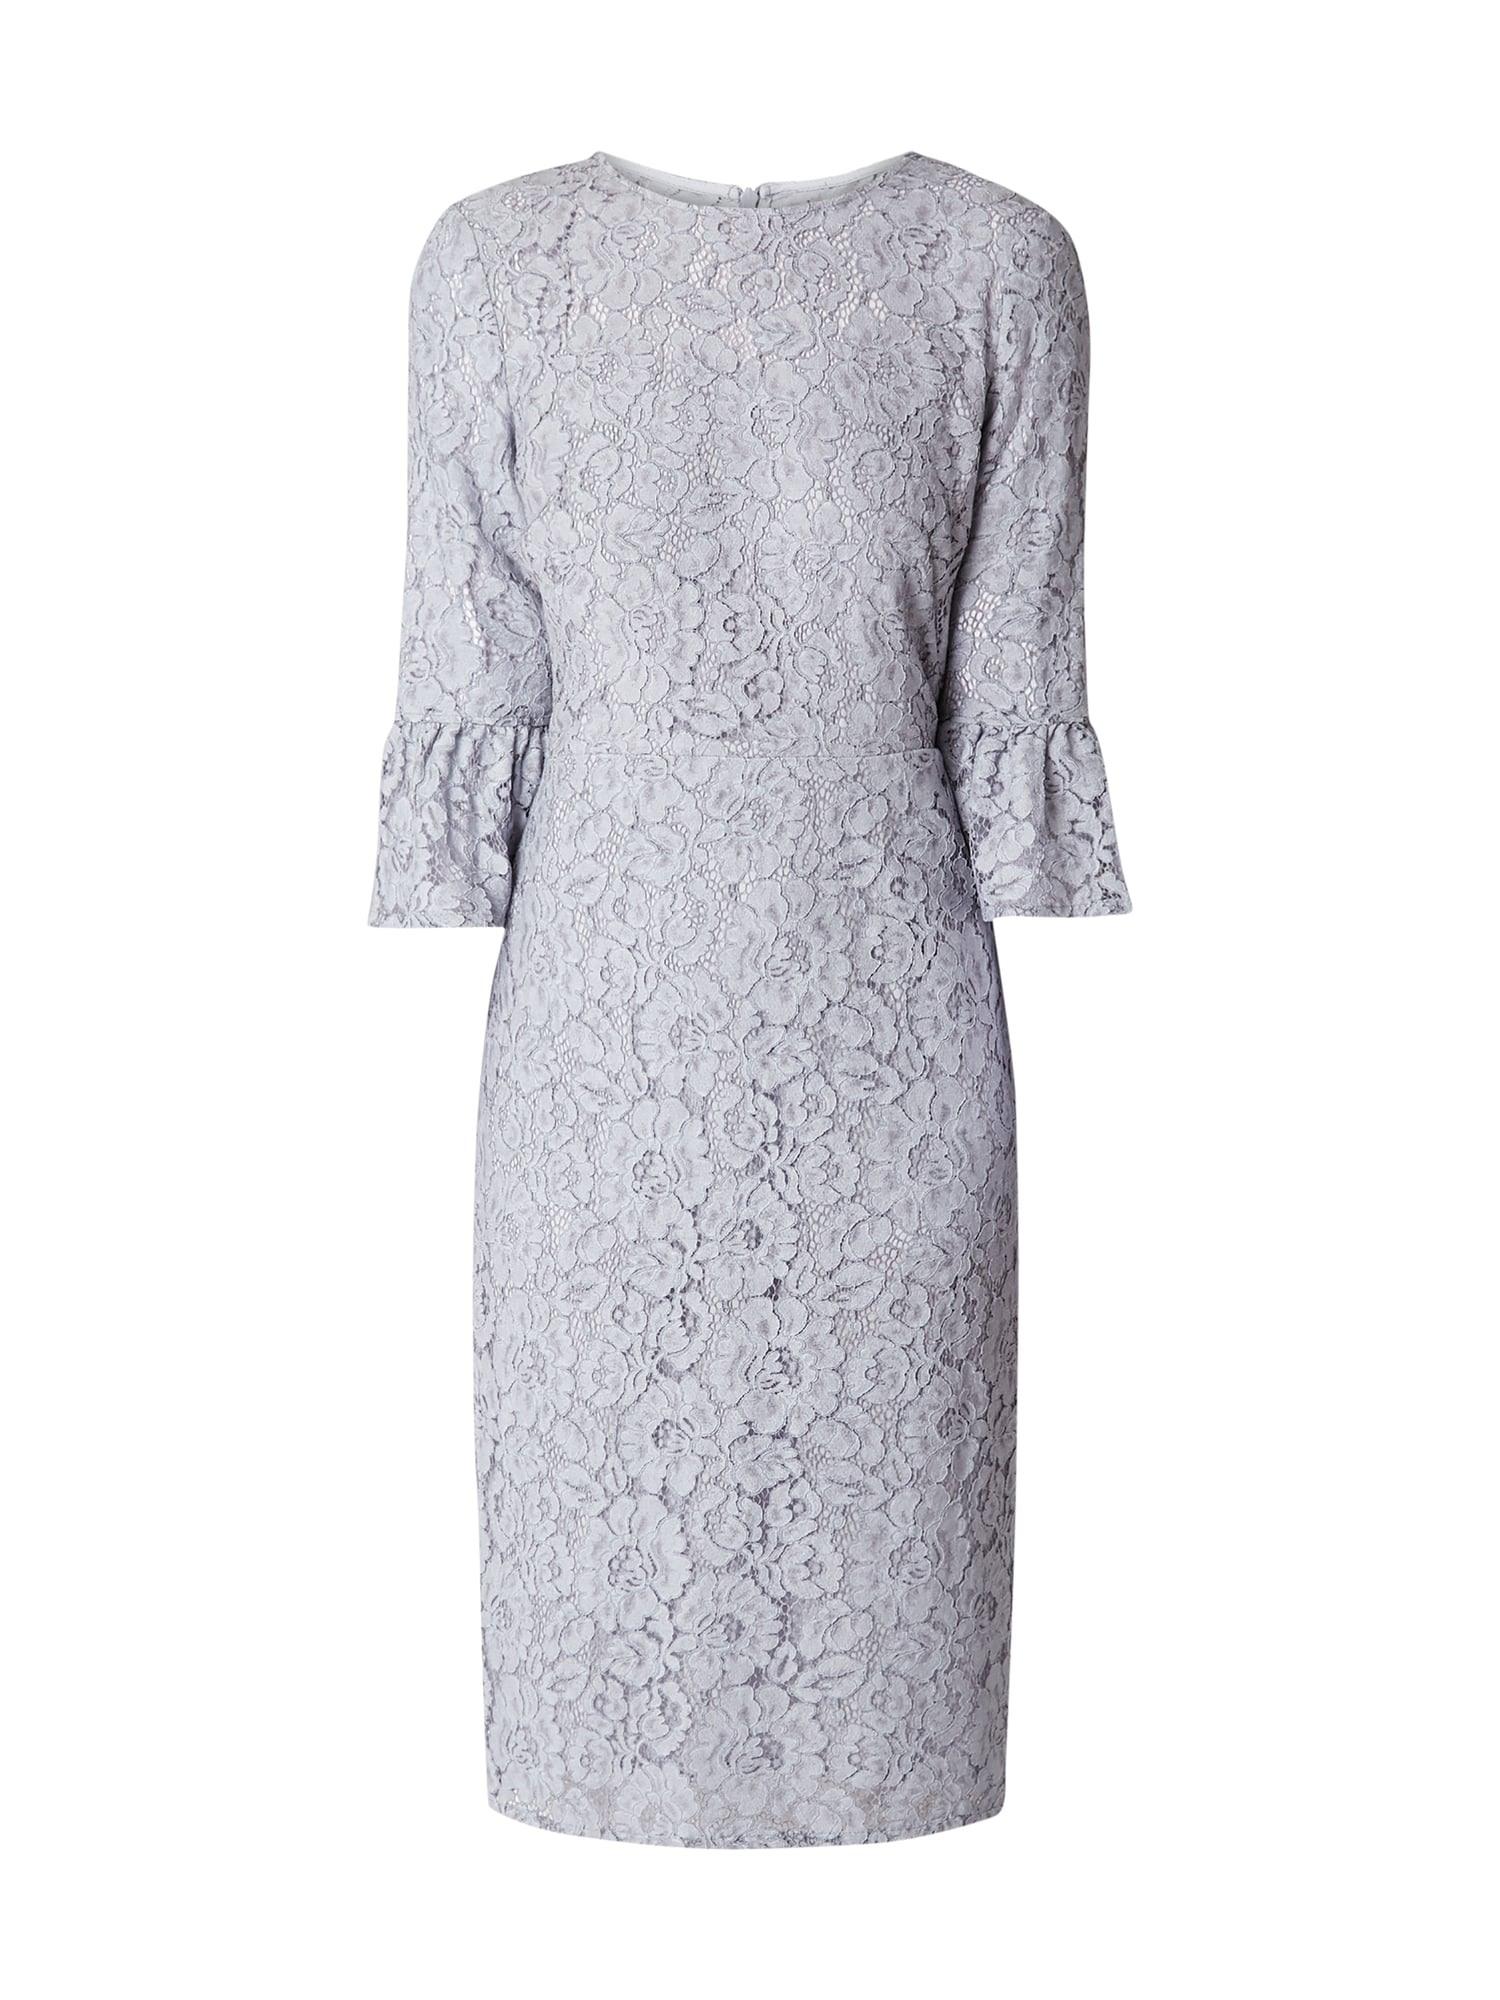 Designer Ausgezeichnet Kleid Flieder Spitze Vertrieb10 Cool Kleid Flieder Spitze Boutique